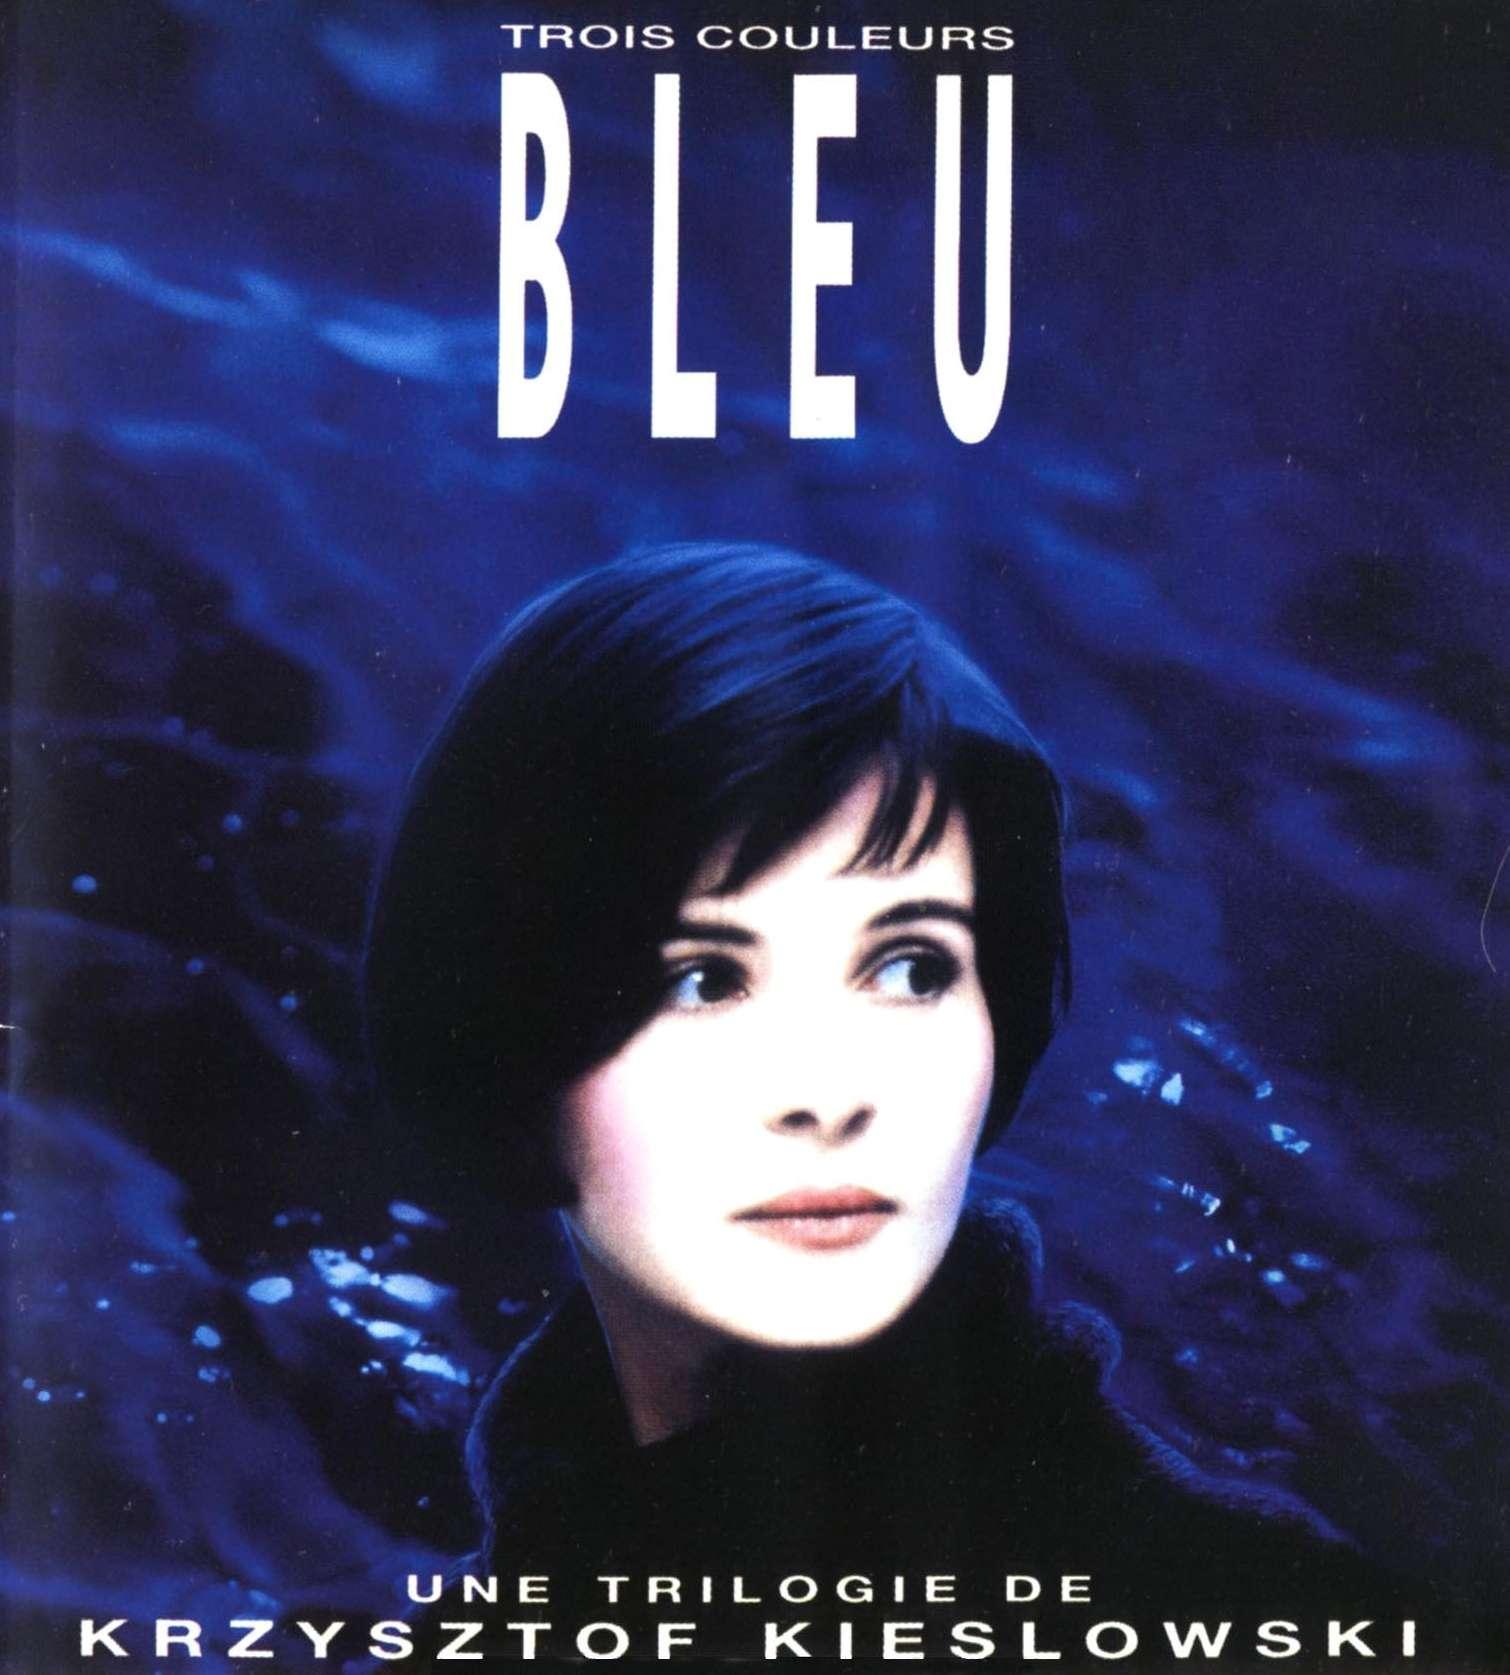 Αφίσα της ταινίας Blue (1993) του Krzysztof Kieslowski